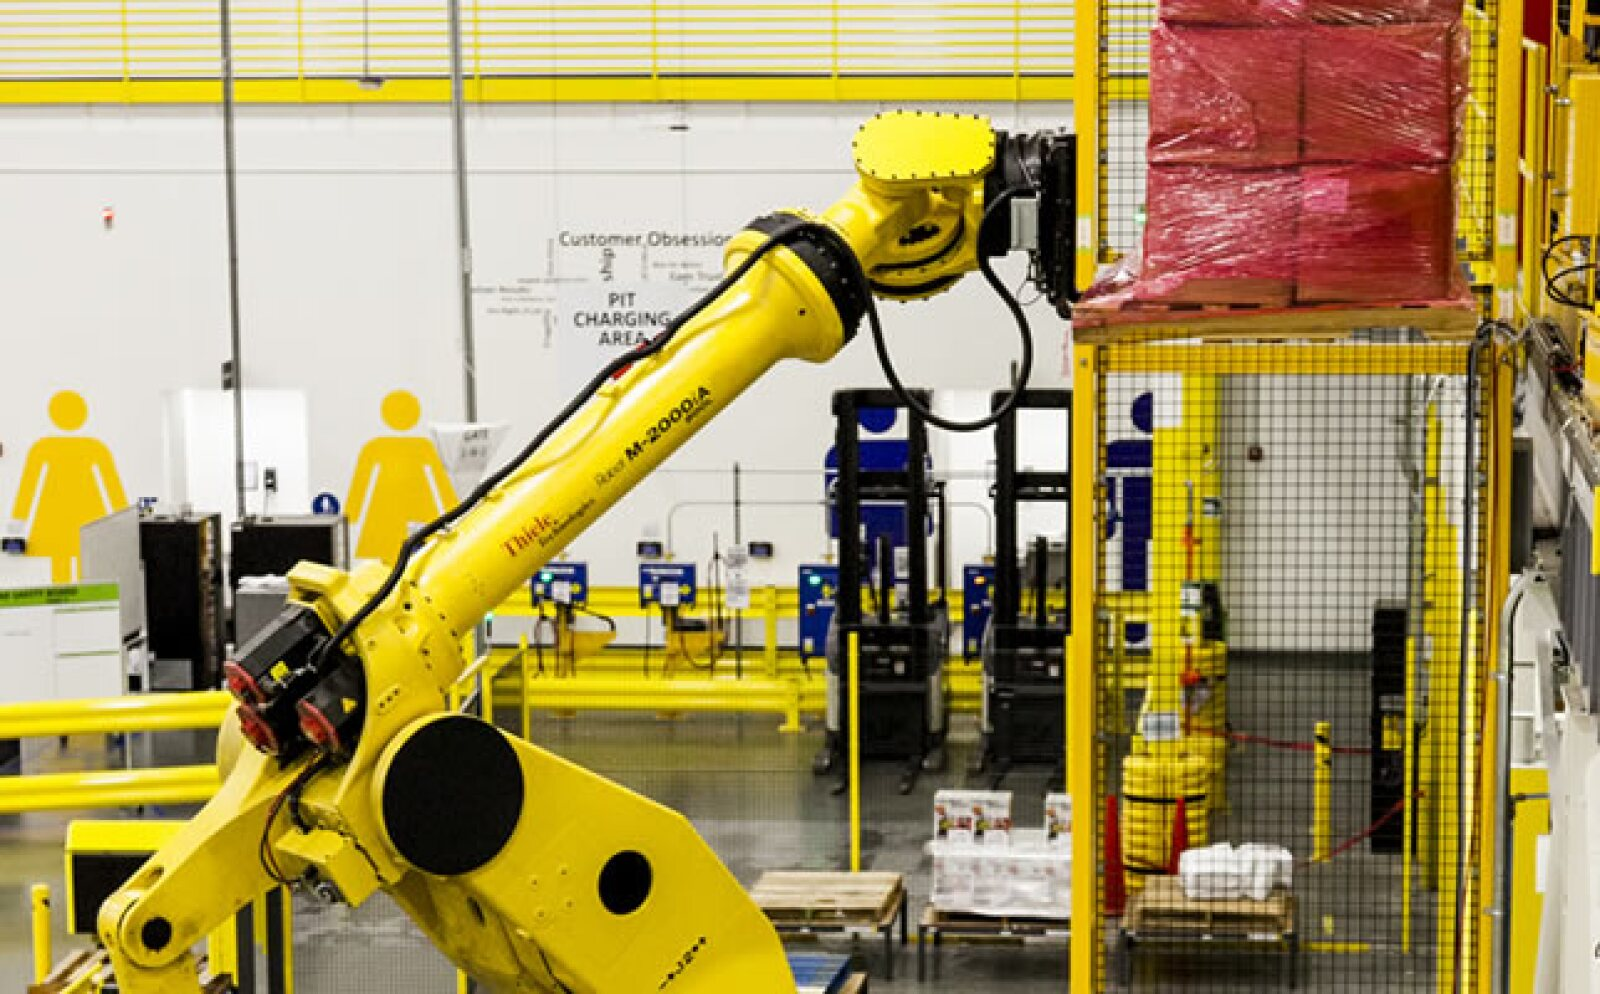 En el centro también trabaja Robo Stow, uno de los brazos robóticos más grandes del mundo y capaz de cargar y ordenar cientos de kilos en producto